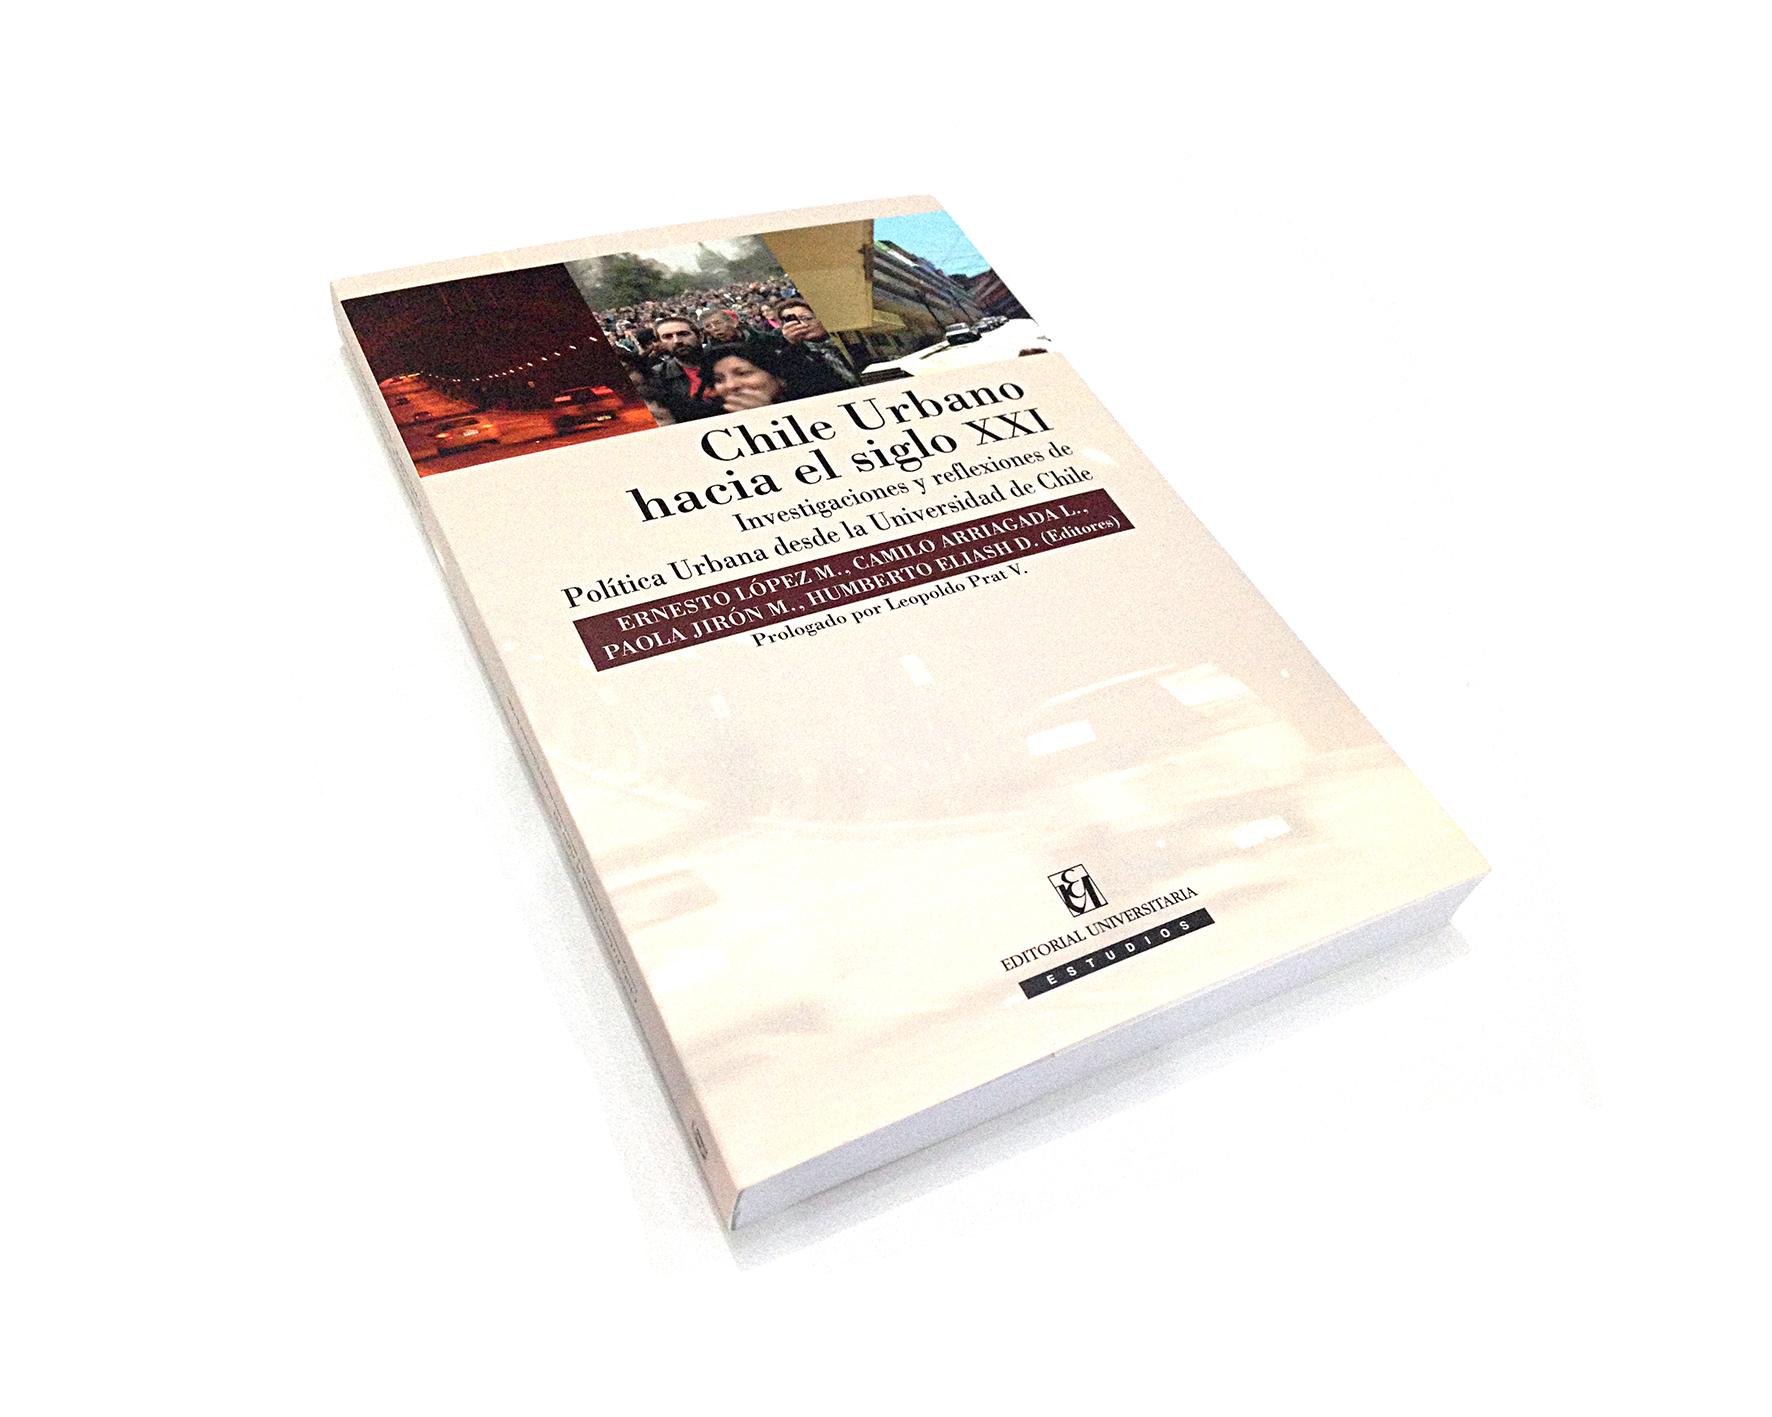 """Libro: """"Chile Urbano hacia el siglo XXI"""""""